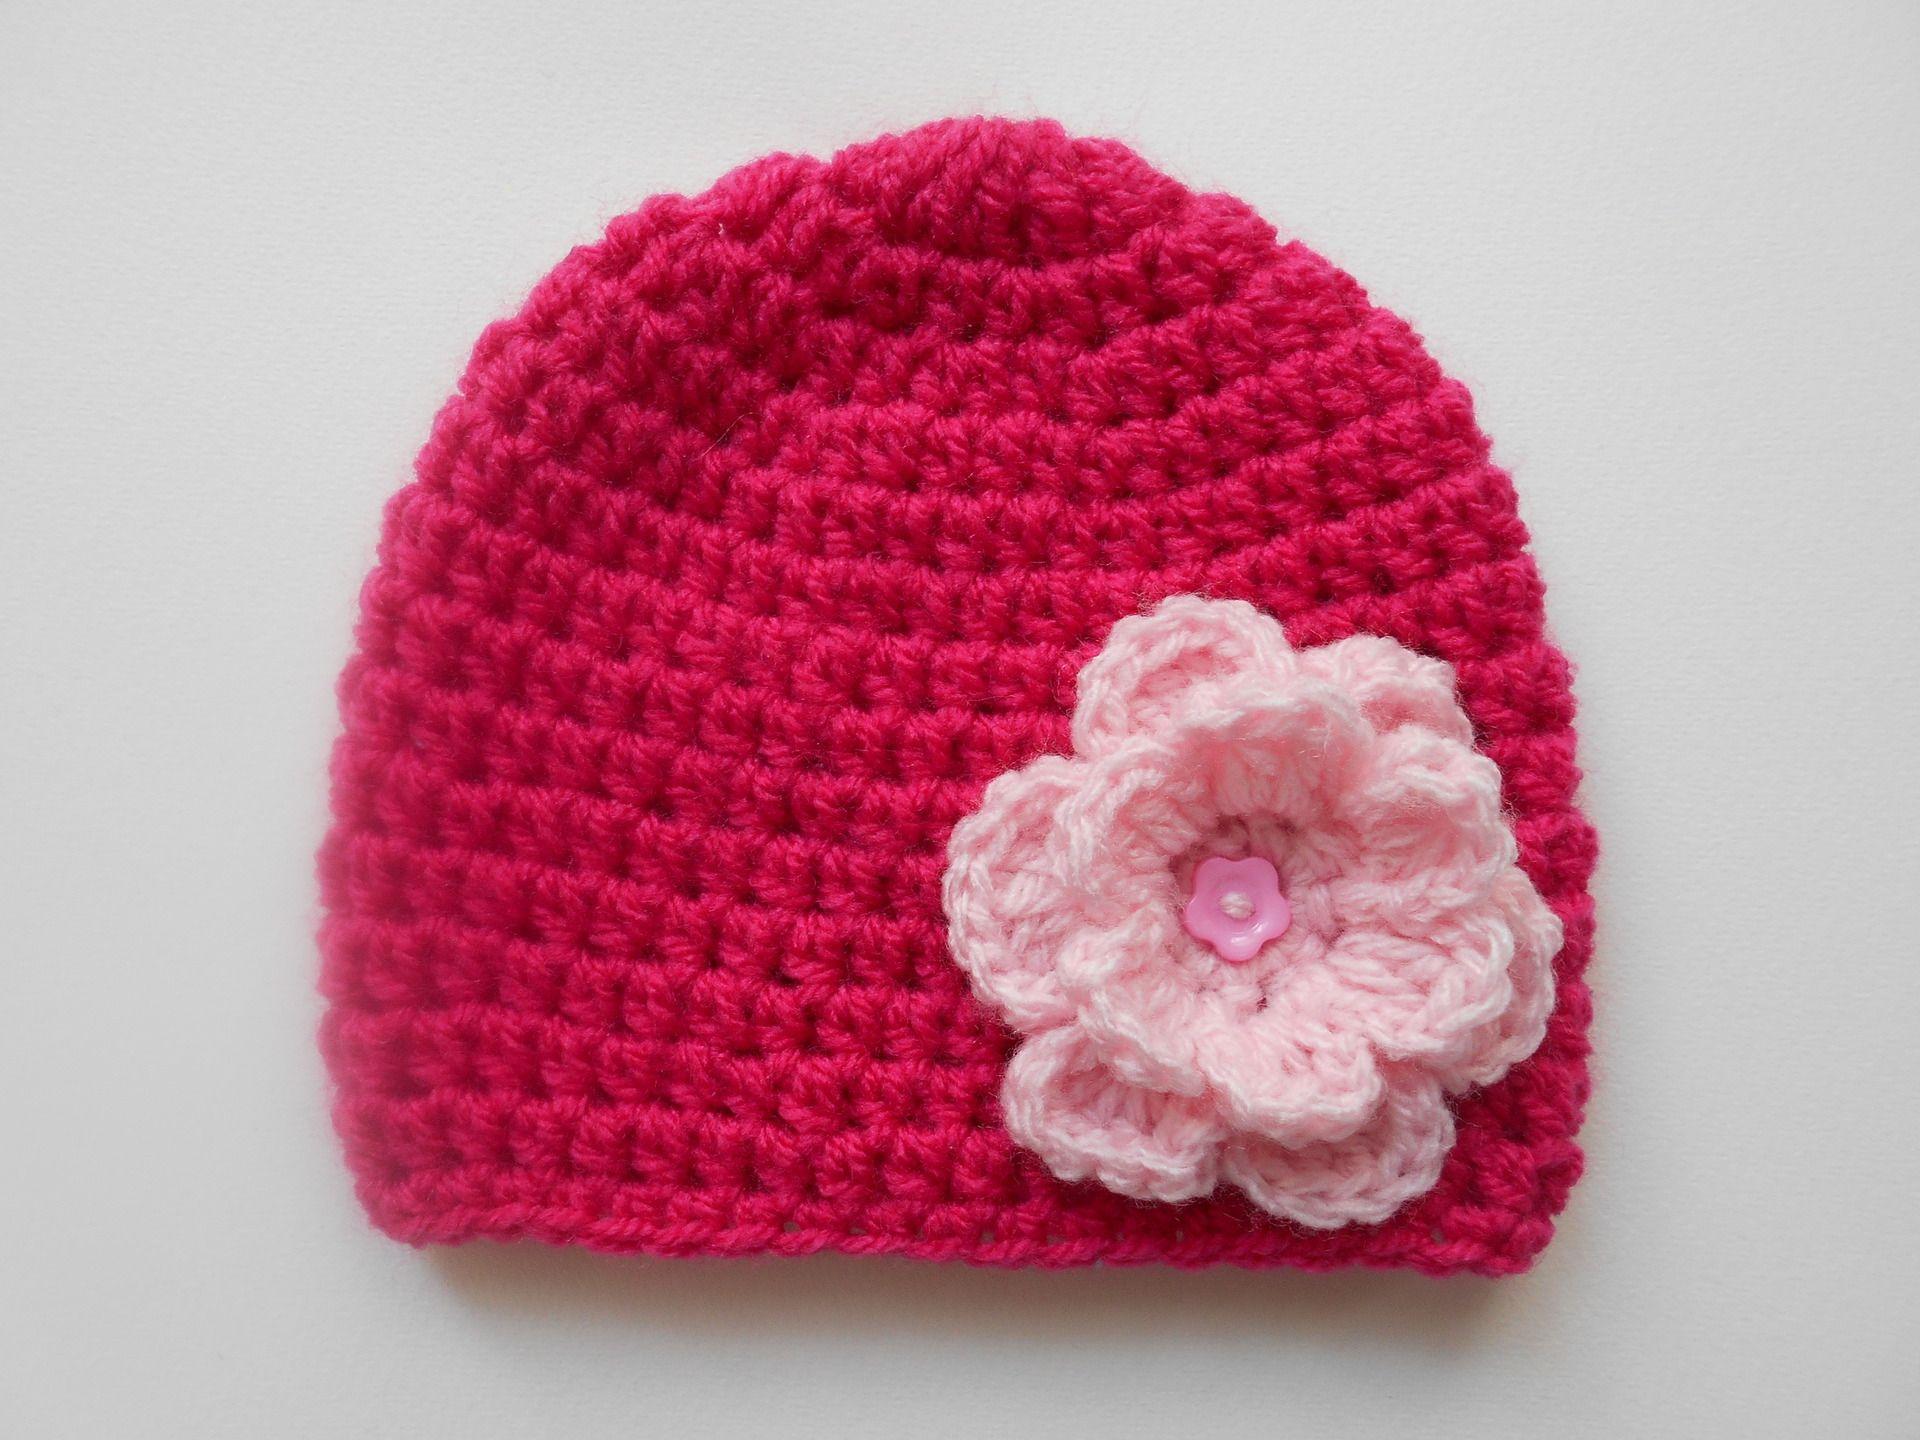 c737ac61585f4 bonnet bebe fille en laine fuchsia et rose poudree fait main au crochet :  Mode Bébé par chtiewie